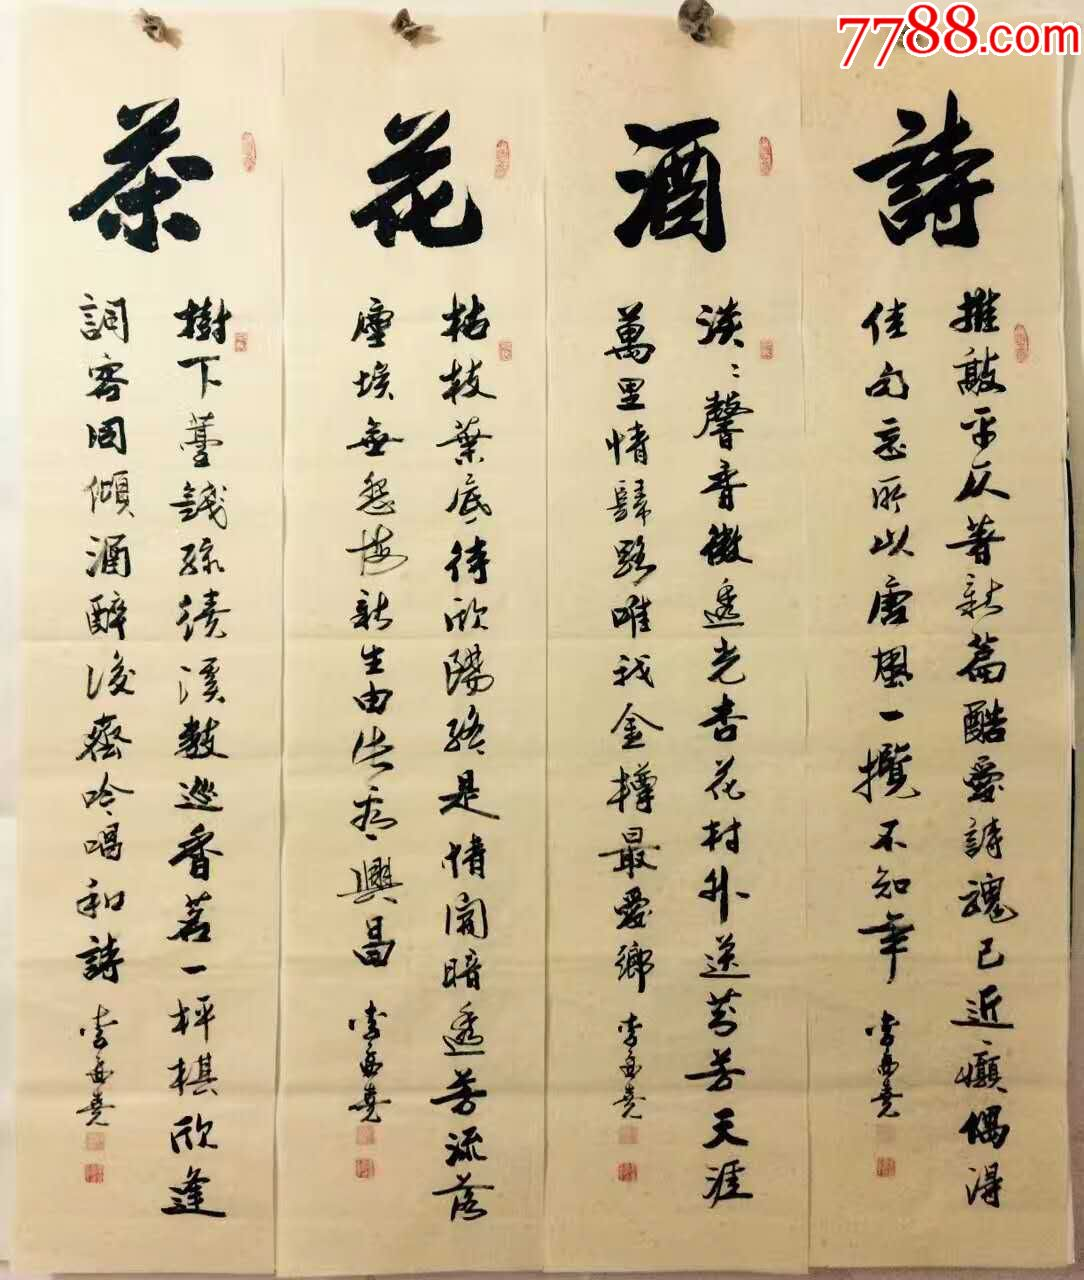 中国书法家协会会员著名书法家李孟尧老师作品图片